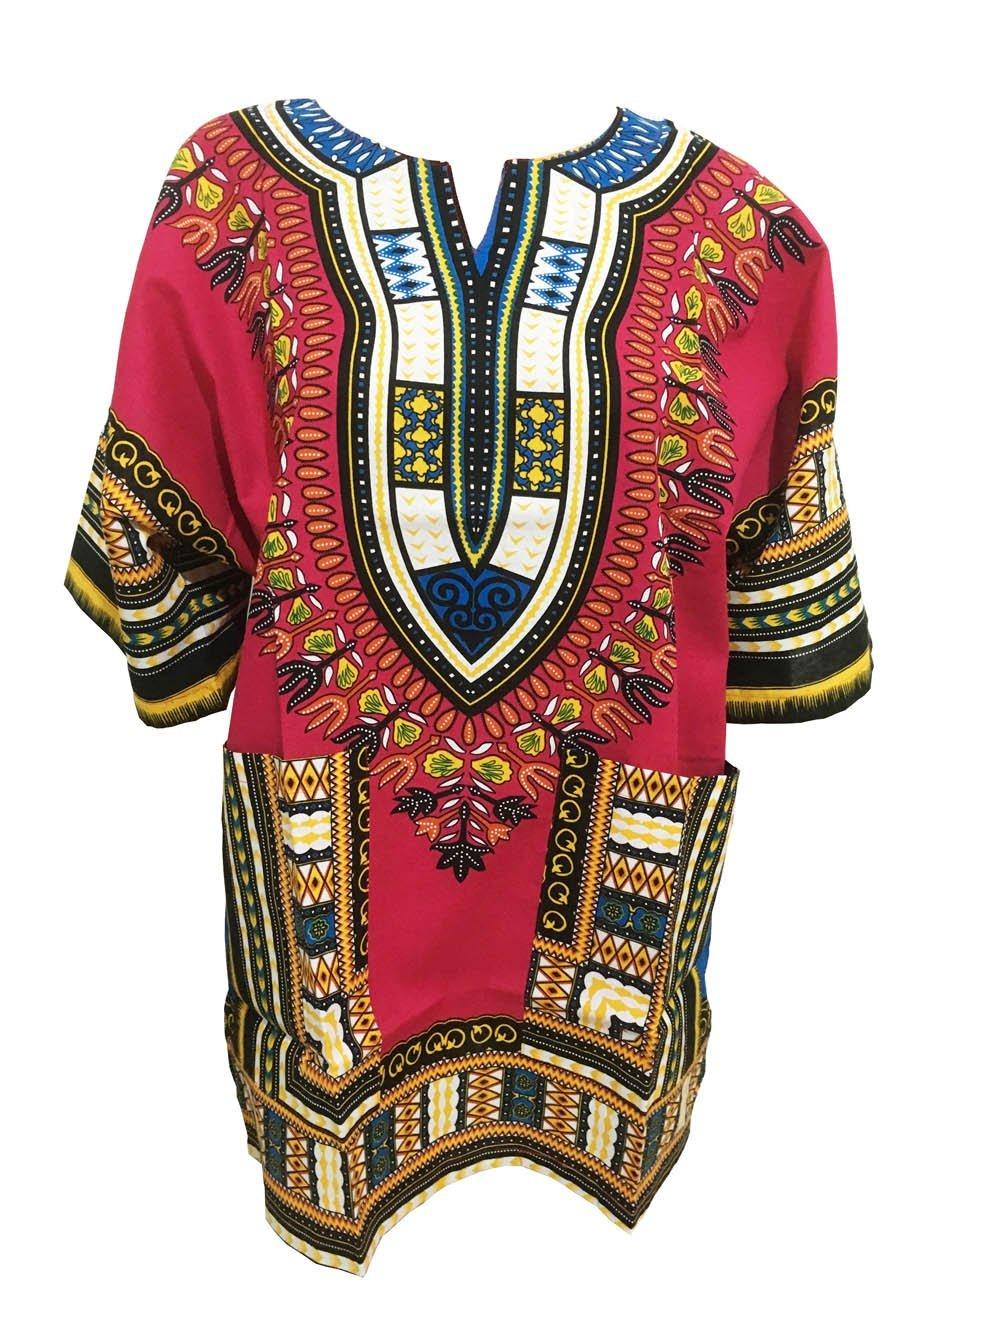 MARUK Africano Dashiki Camicie per Uomini e Donne Manica Corta Africano Dashiki Stampa Tradizionale Africana Estivo